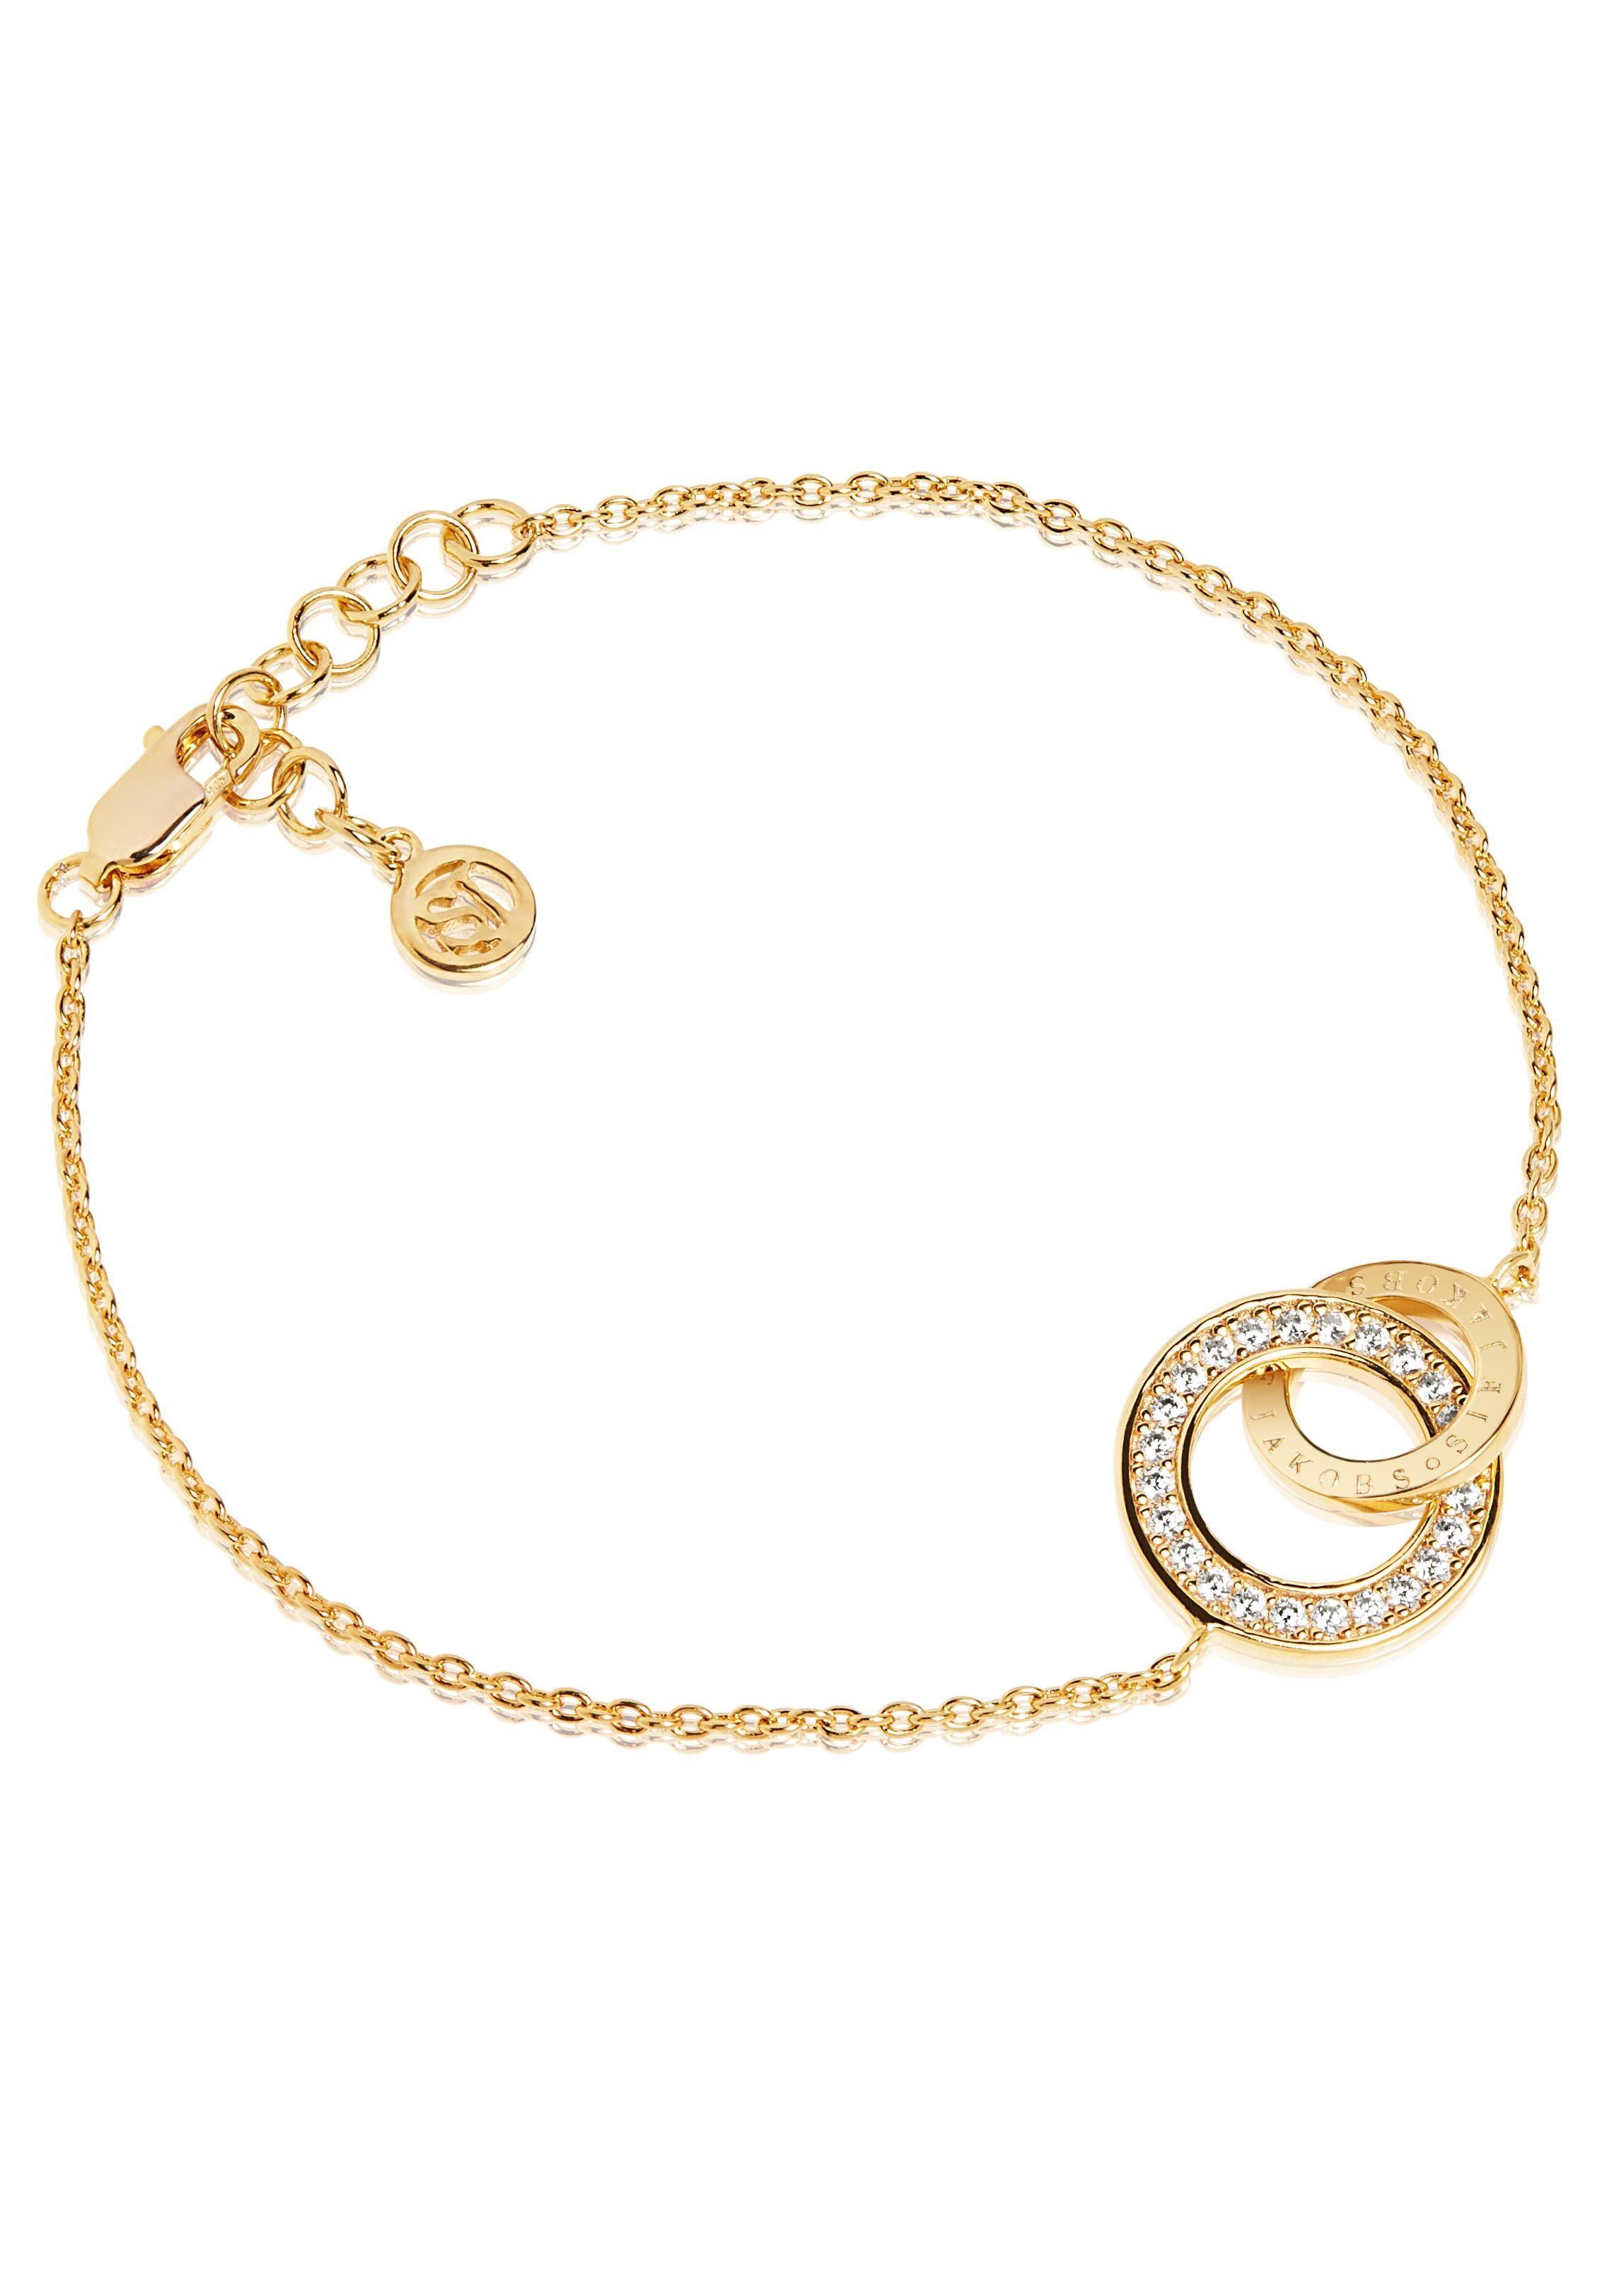 Sif Jakobs Jewellery Armband »Prato uno piccolo bracelet, SJ-B472-CZ(YG)« mit Zirkonia